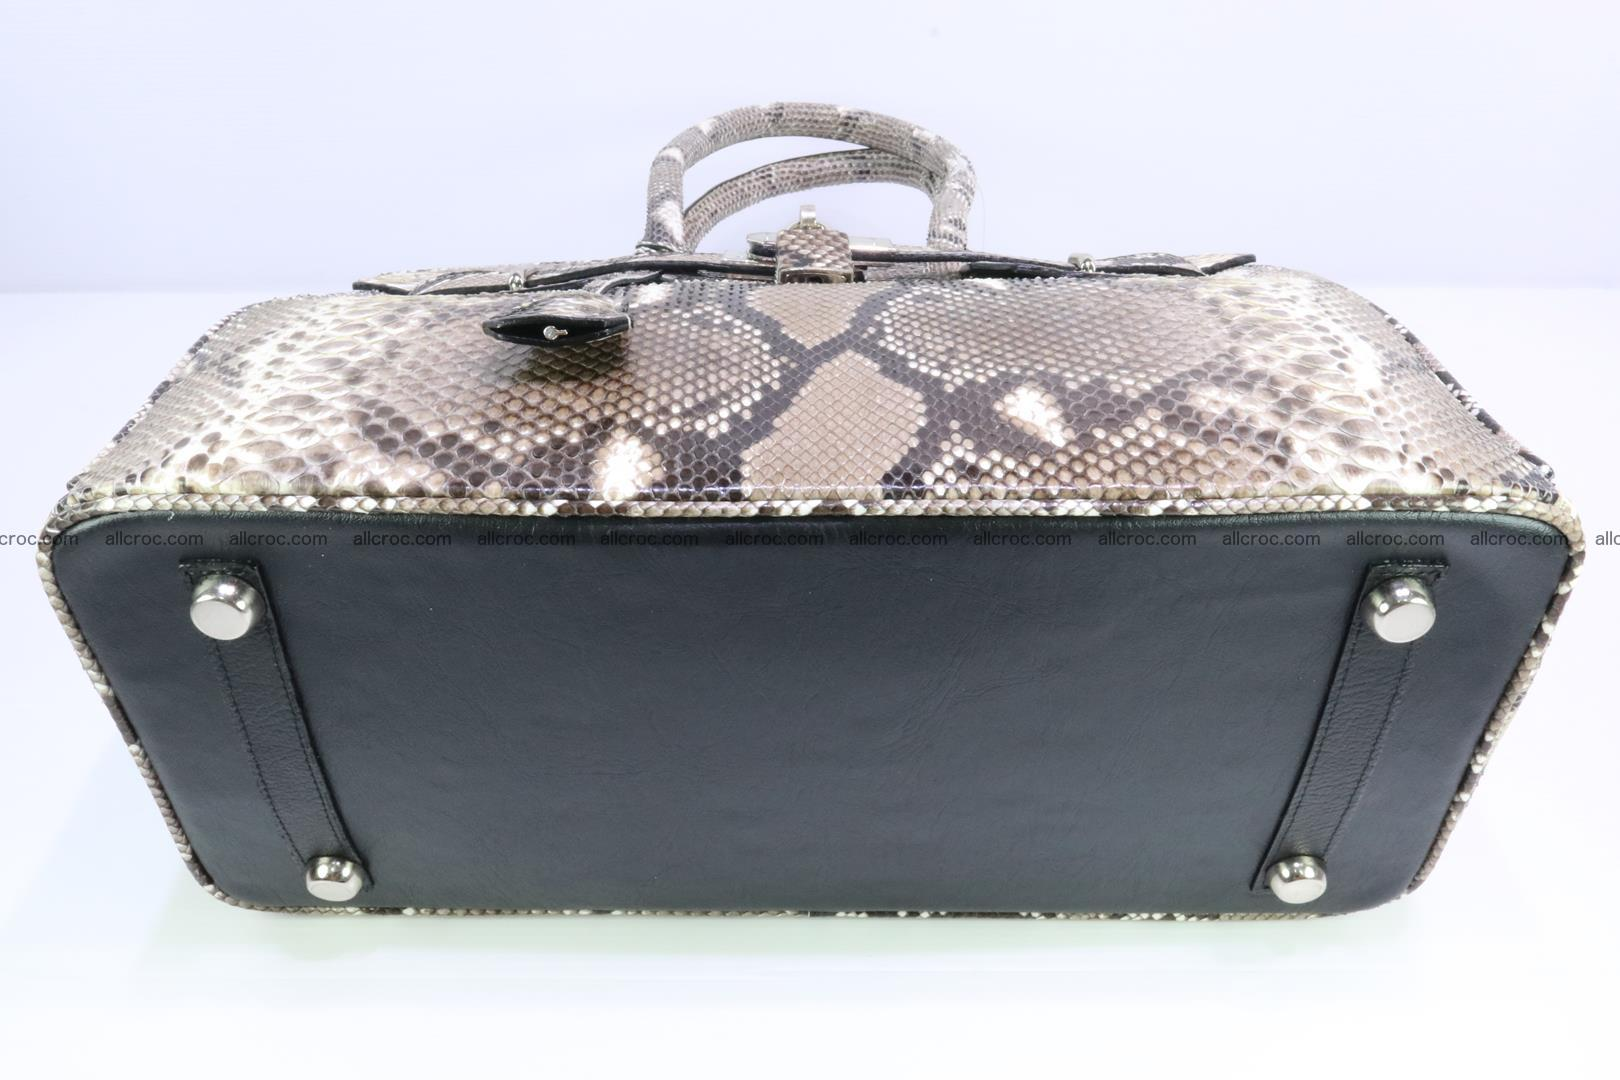 Python skin women's handbag replica of Birkin 200 Foto 7